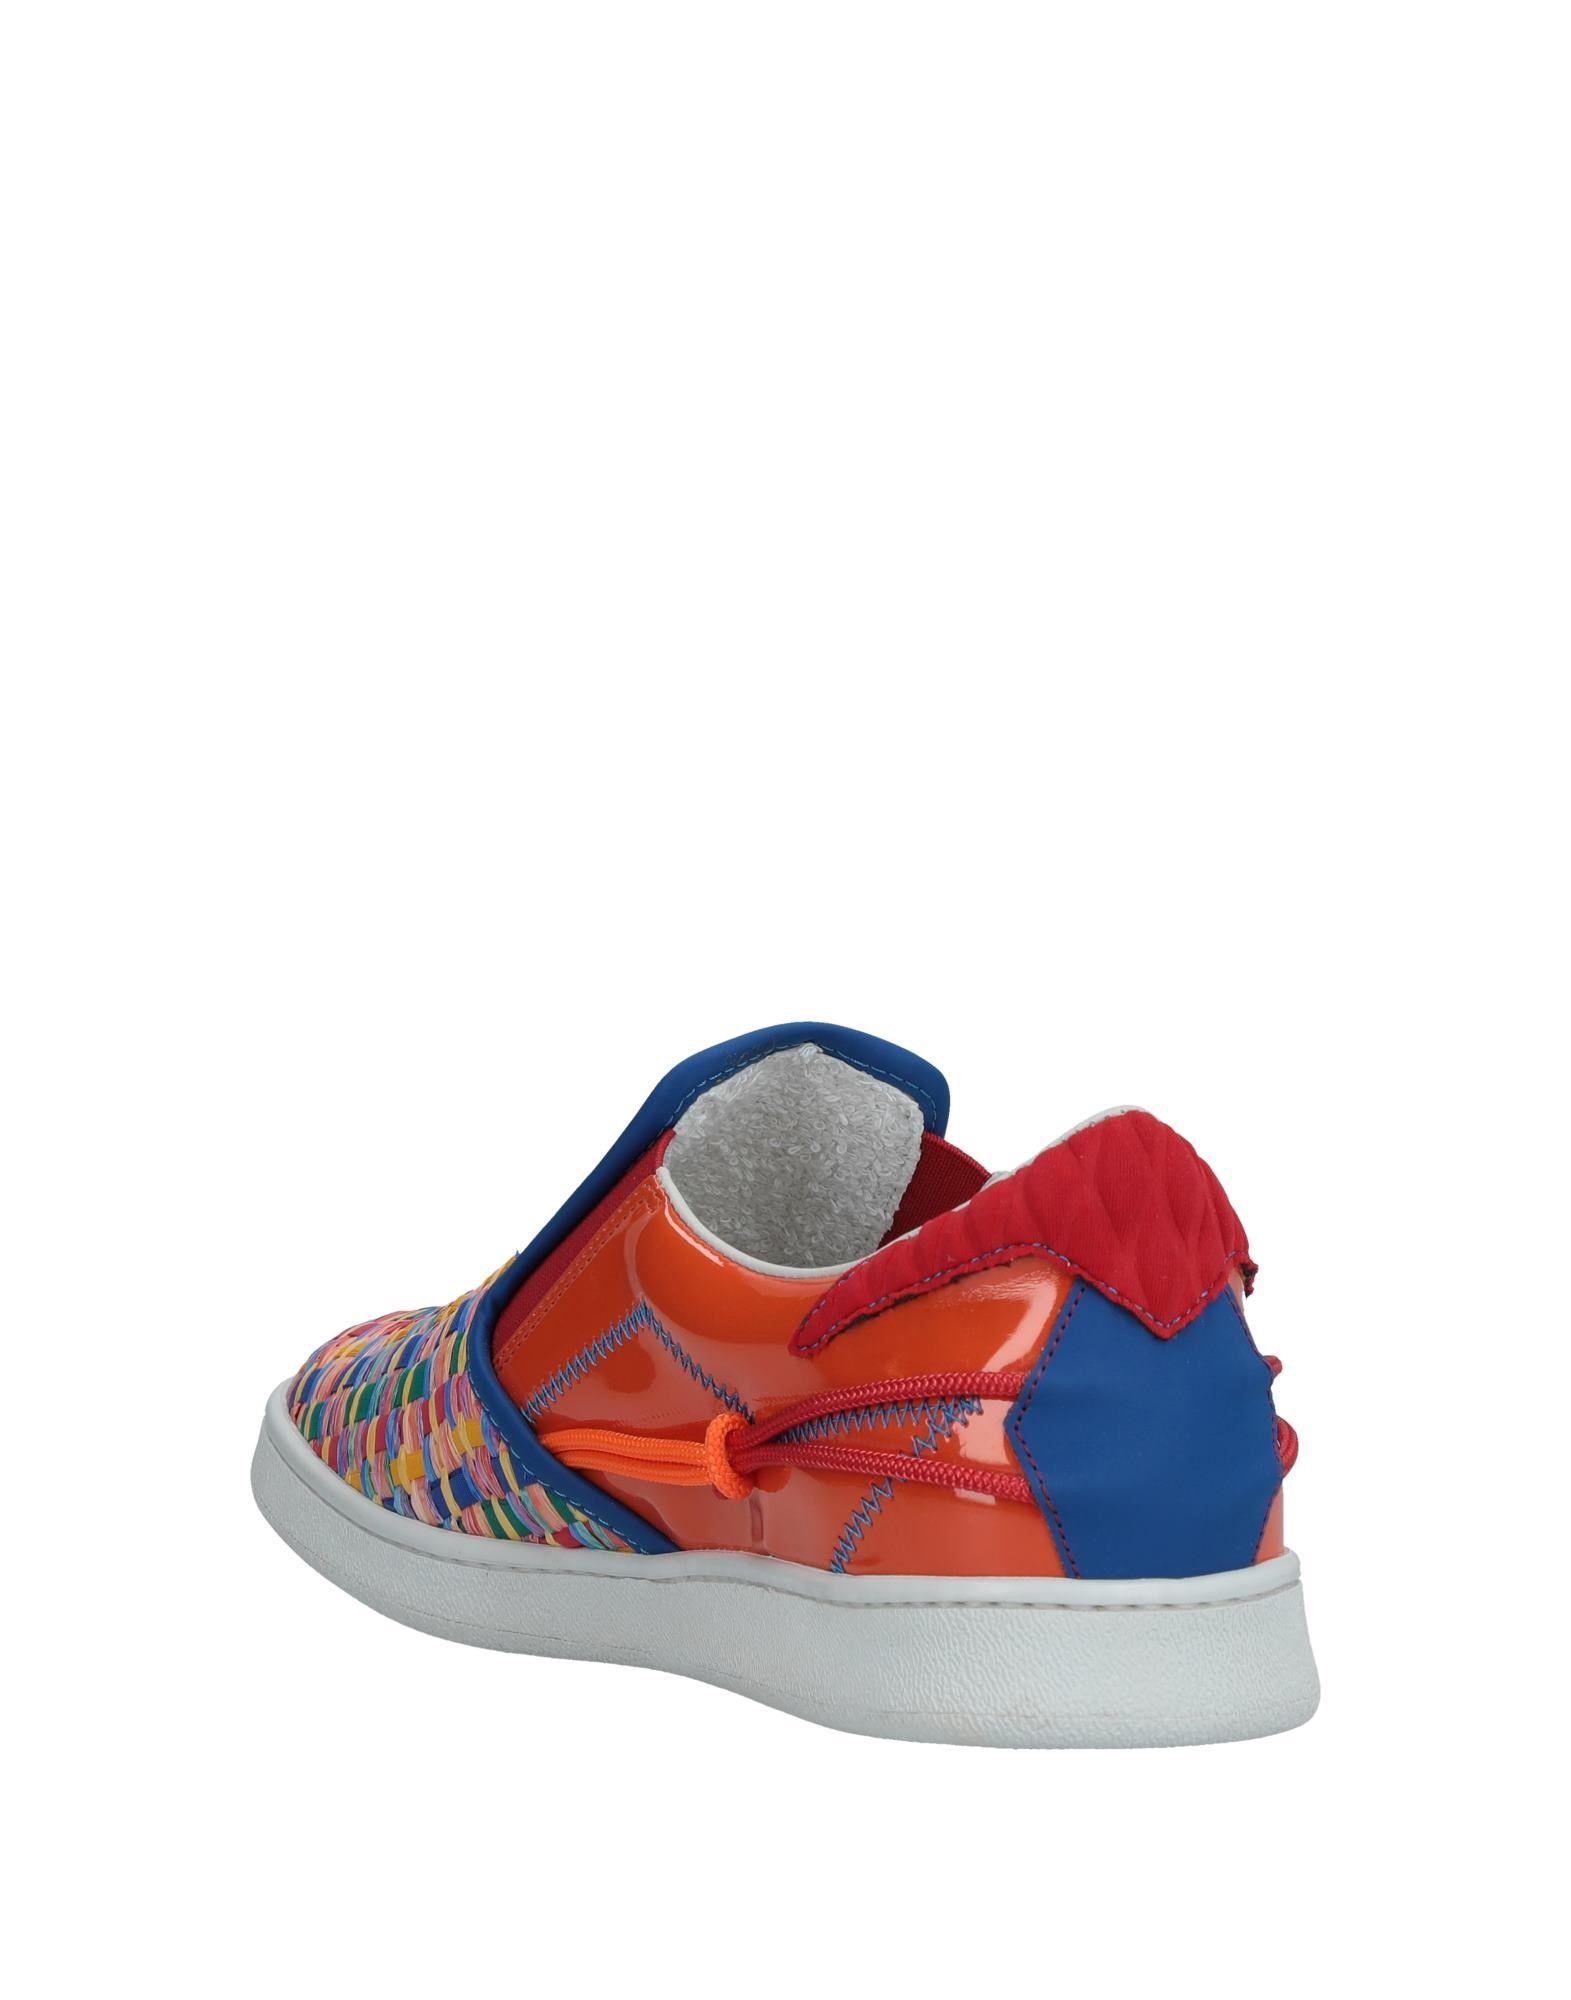 Rabatt echte Schuhe Herren L4k3 Sneakers Herren Schuhe  11527476GR 879ce4